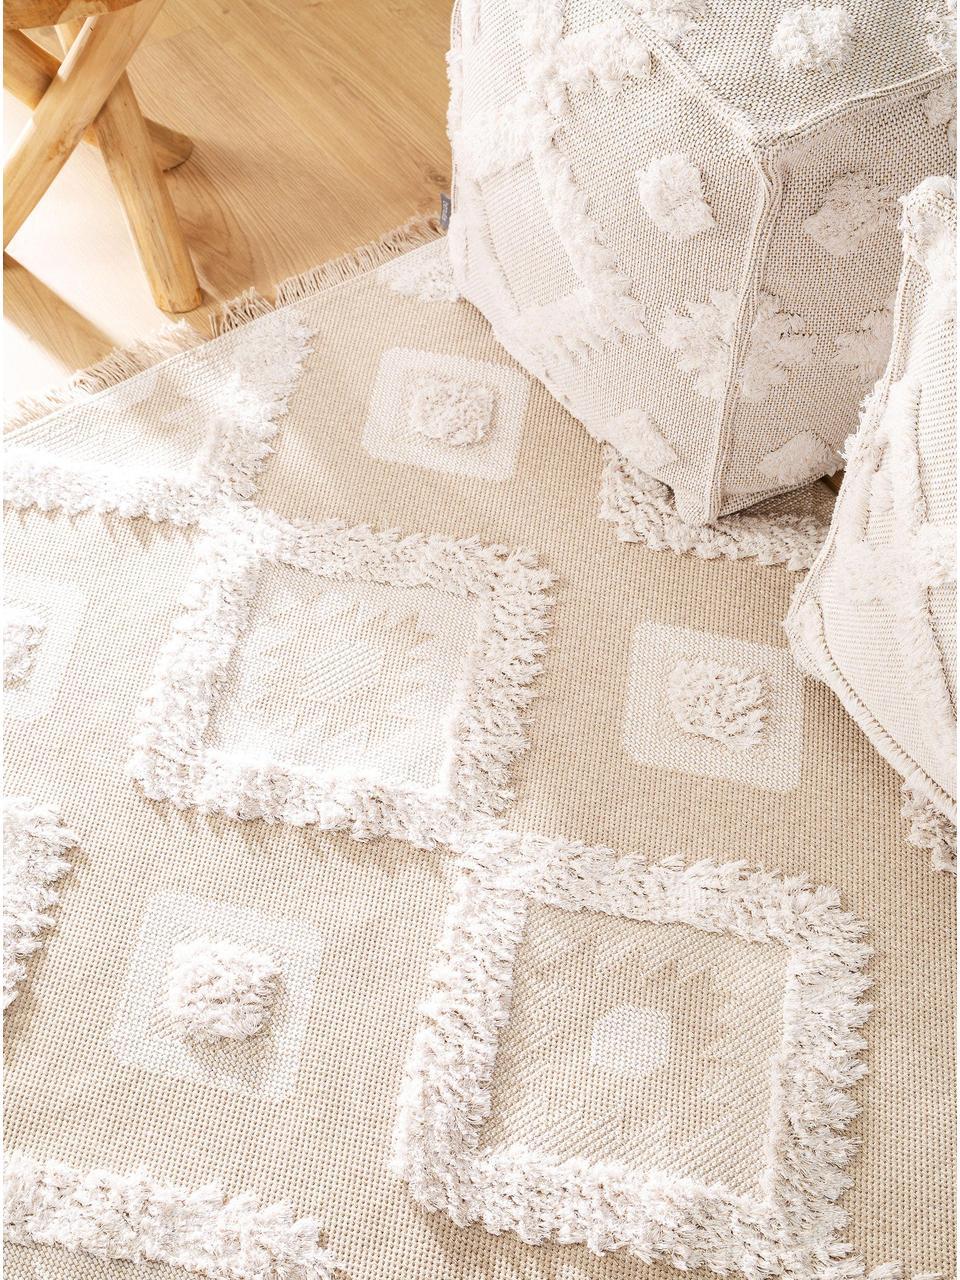 Waschbarer Baumwollteppich Oslo Squares mit Hoch-Tief-Strukturmuster und Fransen, 100% Baumwolle, Cremeweiß, Beige, B 75 x L 150 cm (Größe XS)